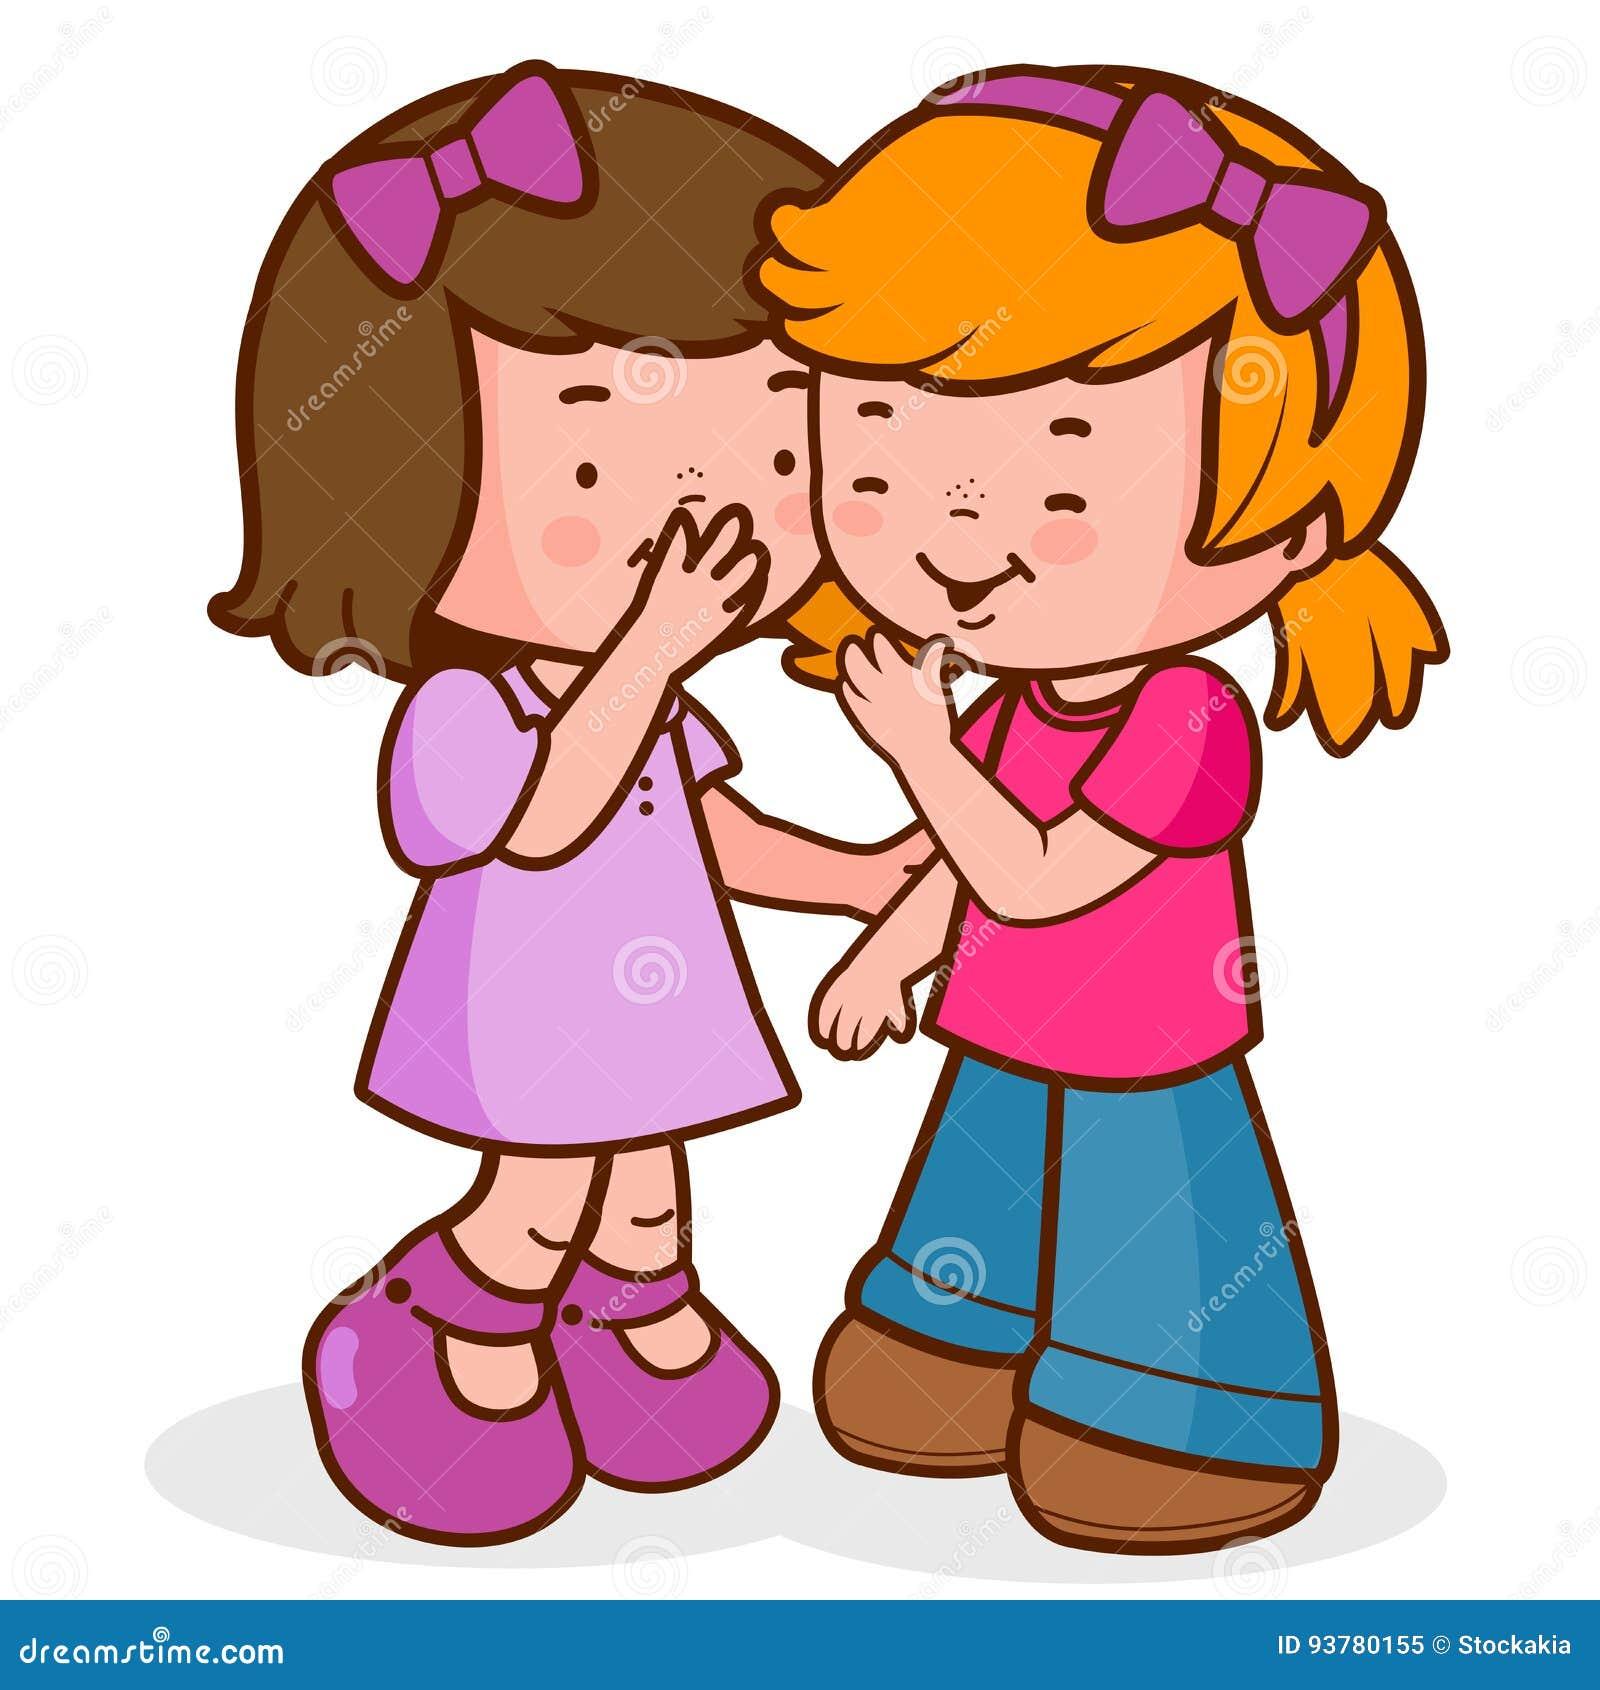 Kids Whisper Clip Art | www.pixshark.com - Images ...